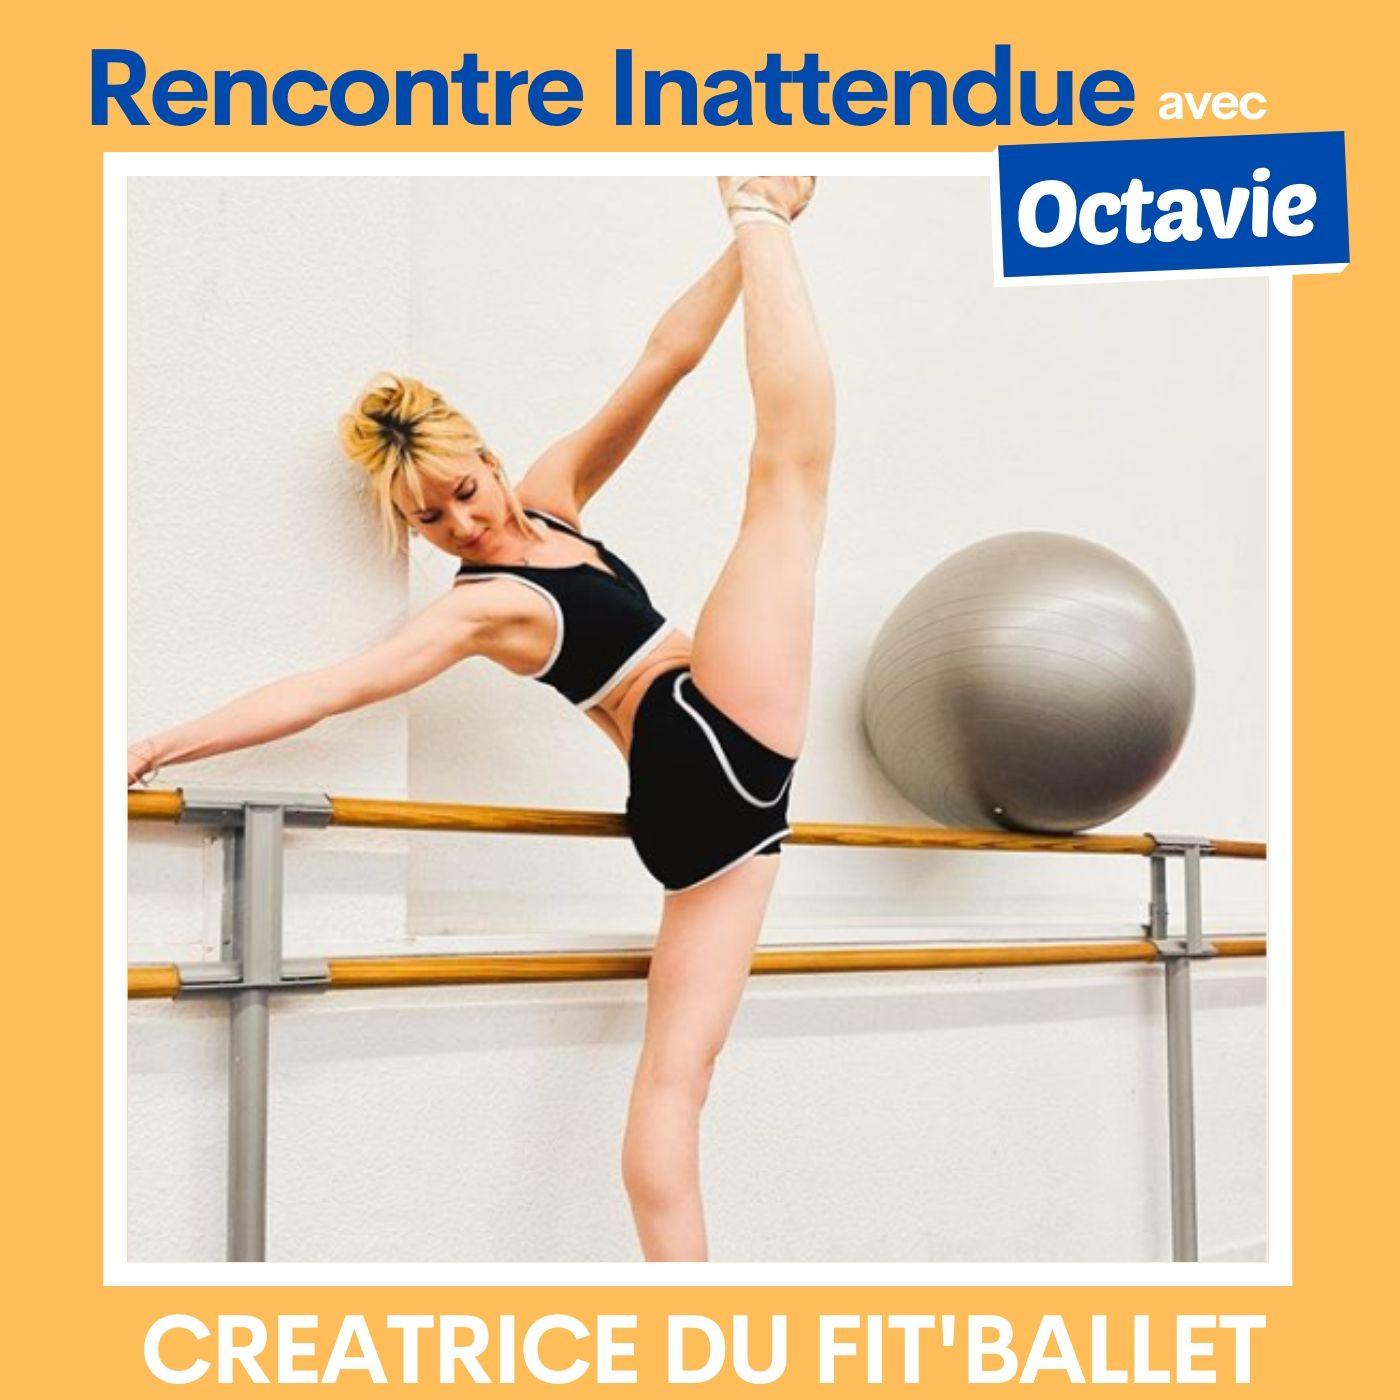 #09 - Octavie, créatrice du Fit'Ballet